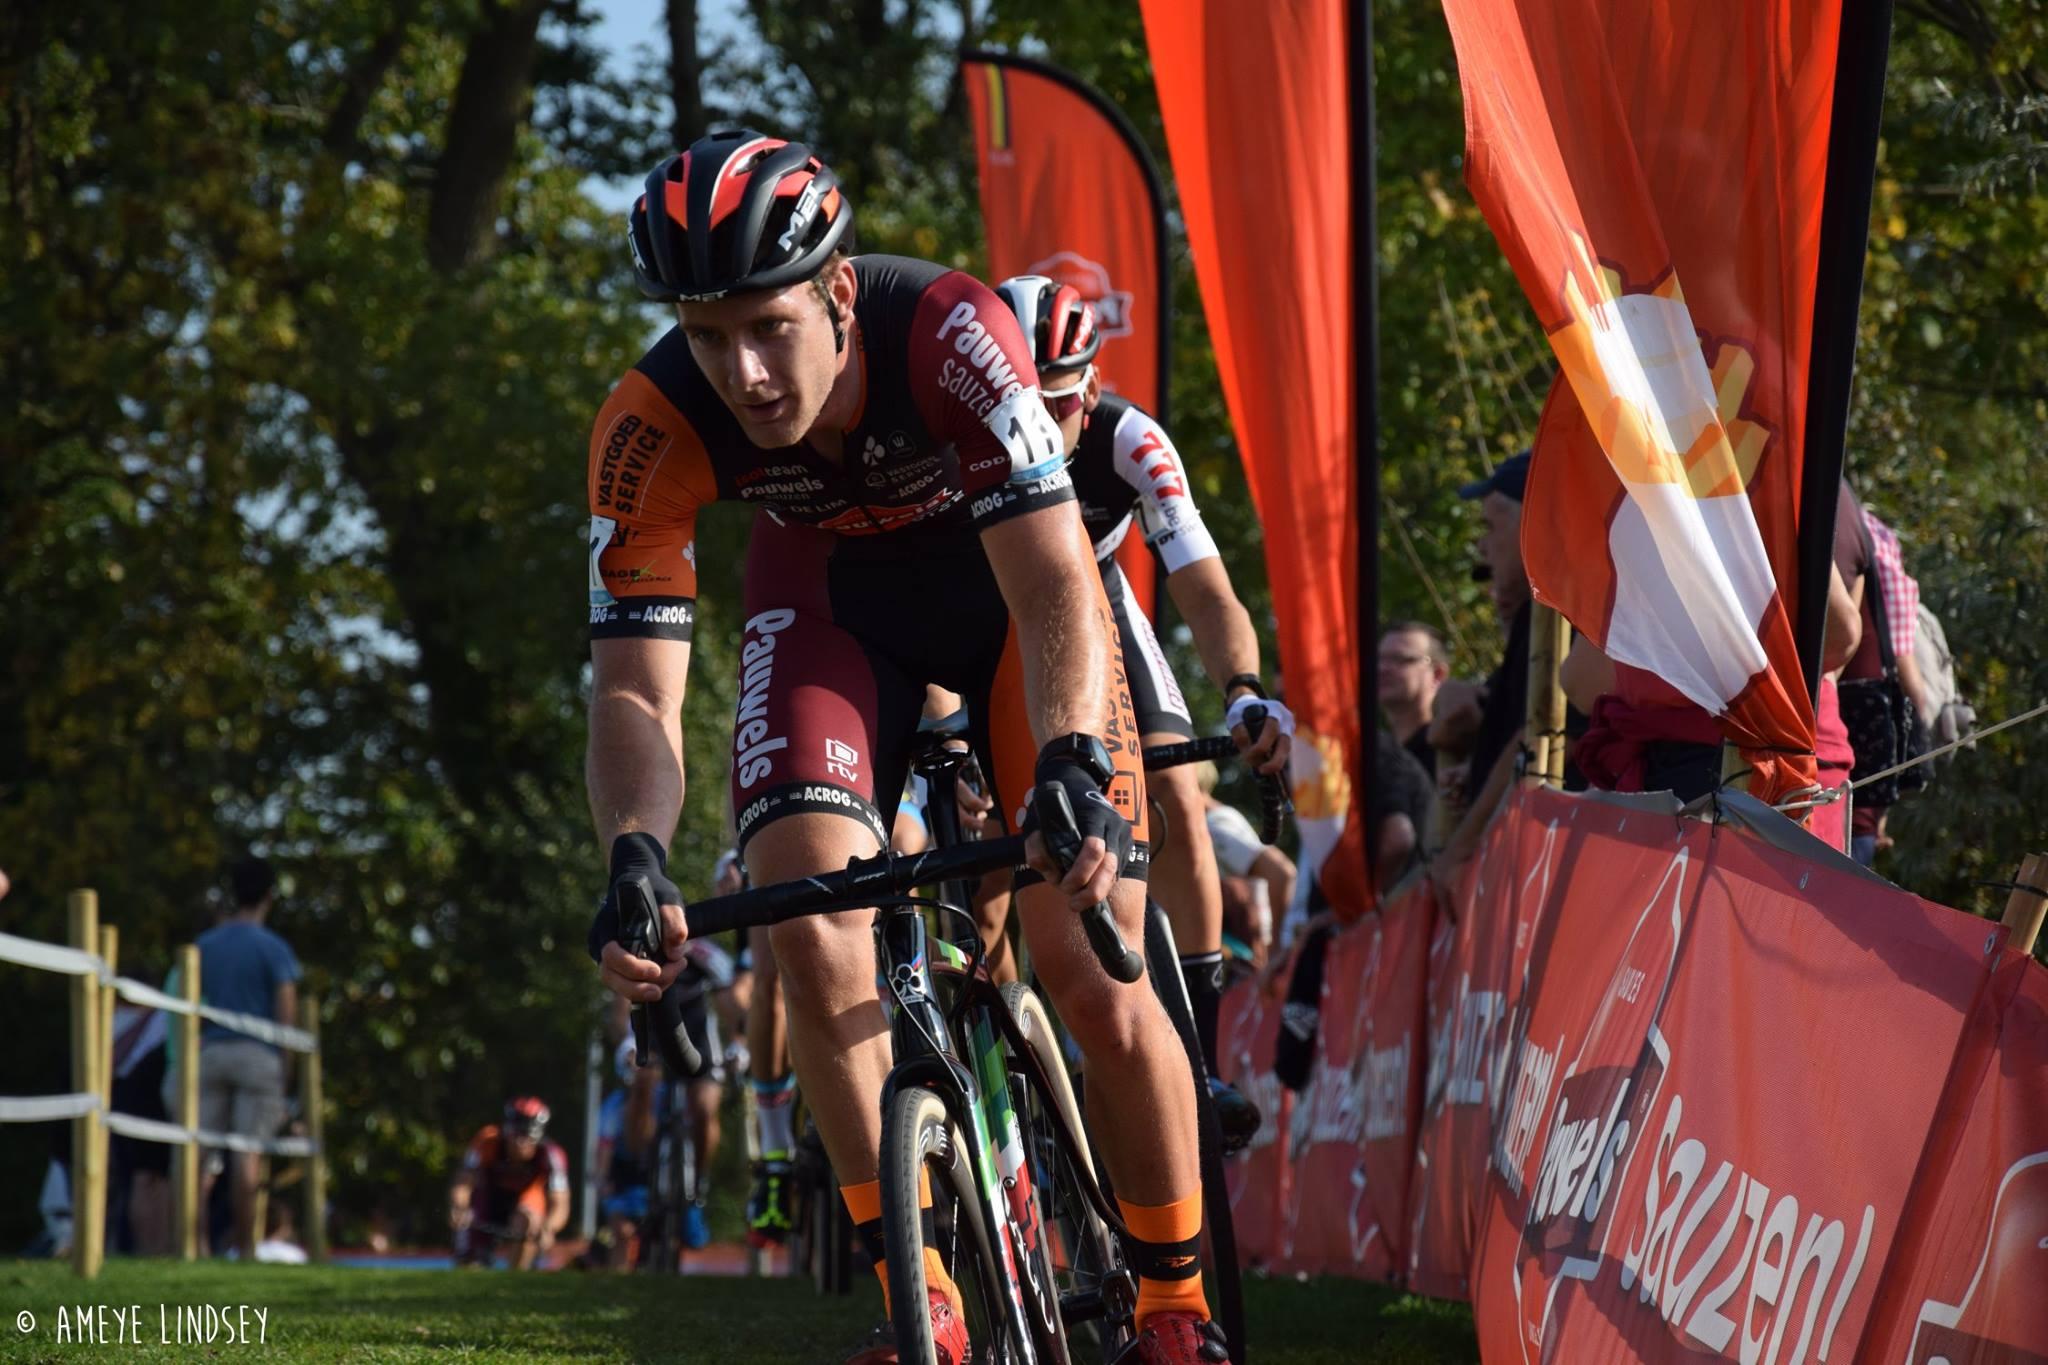 Daan Soete wint in Lokeren, Mathieu van der Poel geeft op met verzwikte enkel